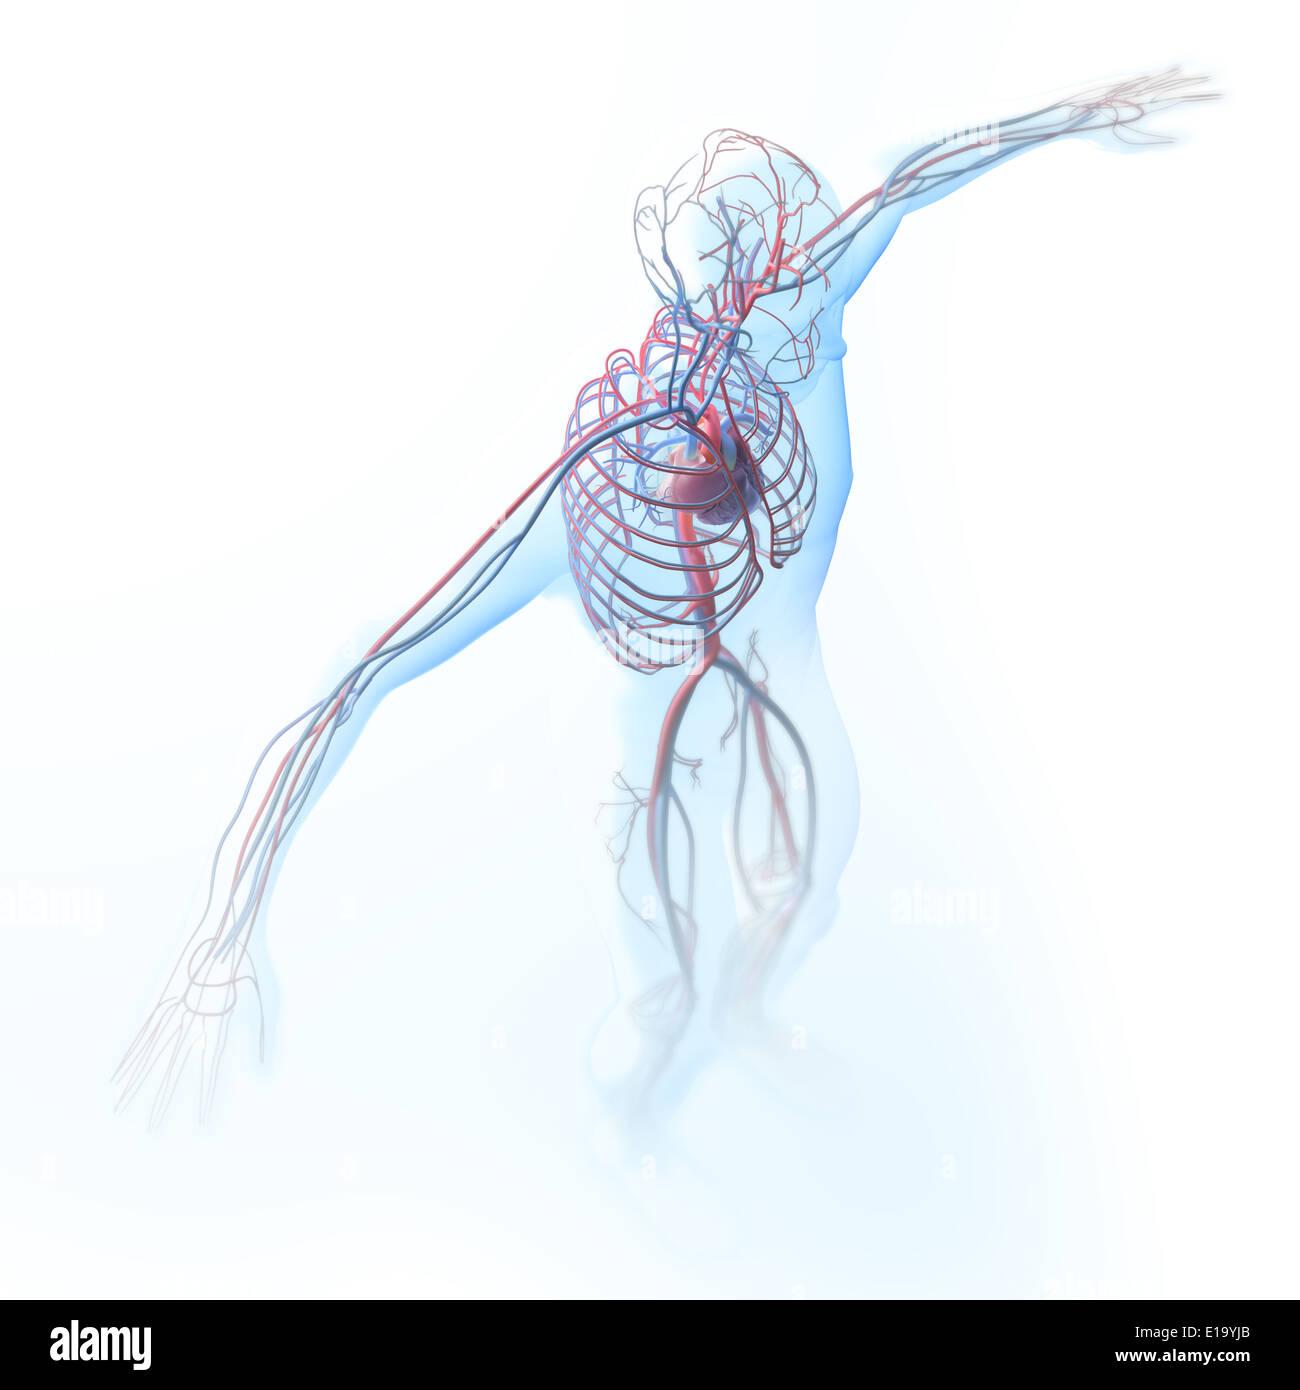 Arteries Artery Biology Brain Stockfotos & Arteries Artery Biology ...